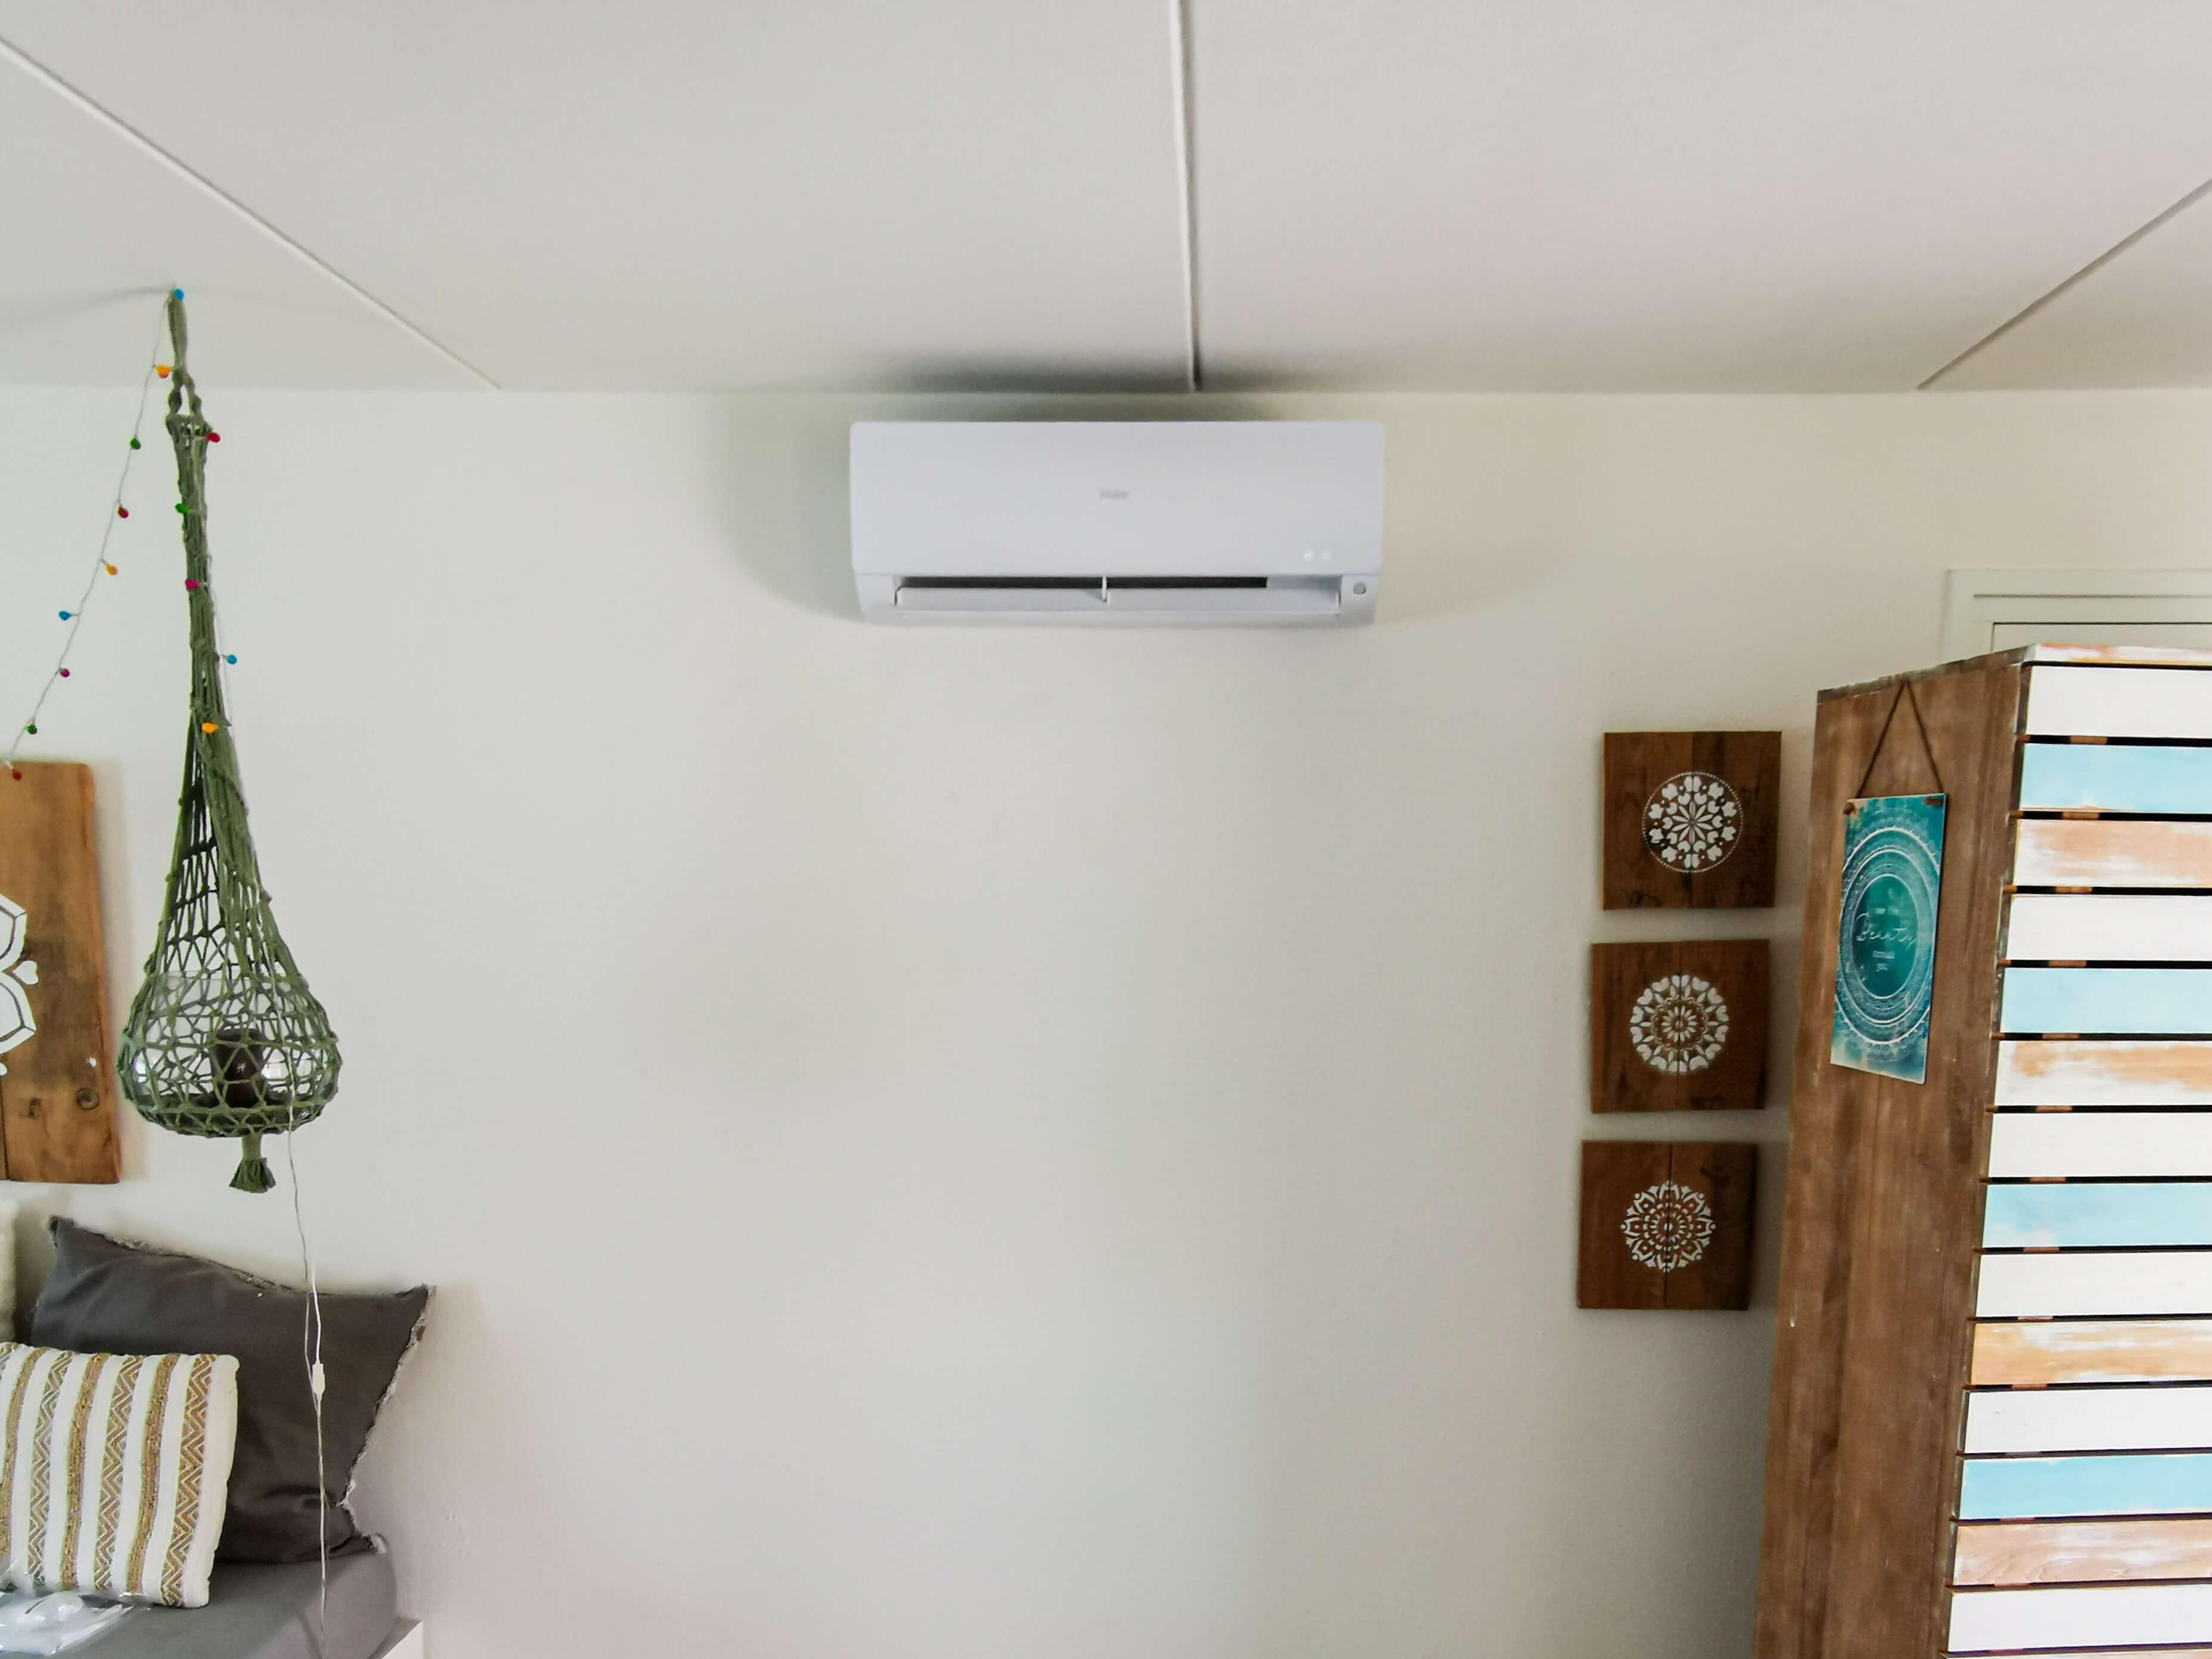 Airco verwarmt een trendy kamer.